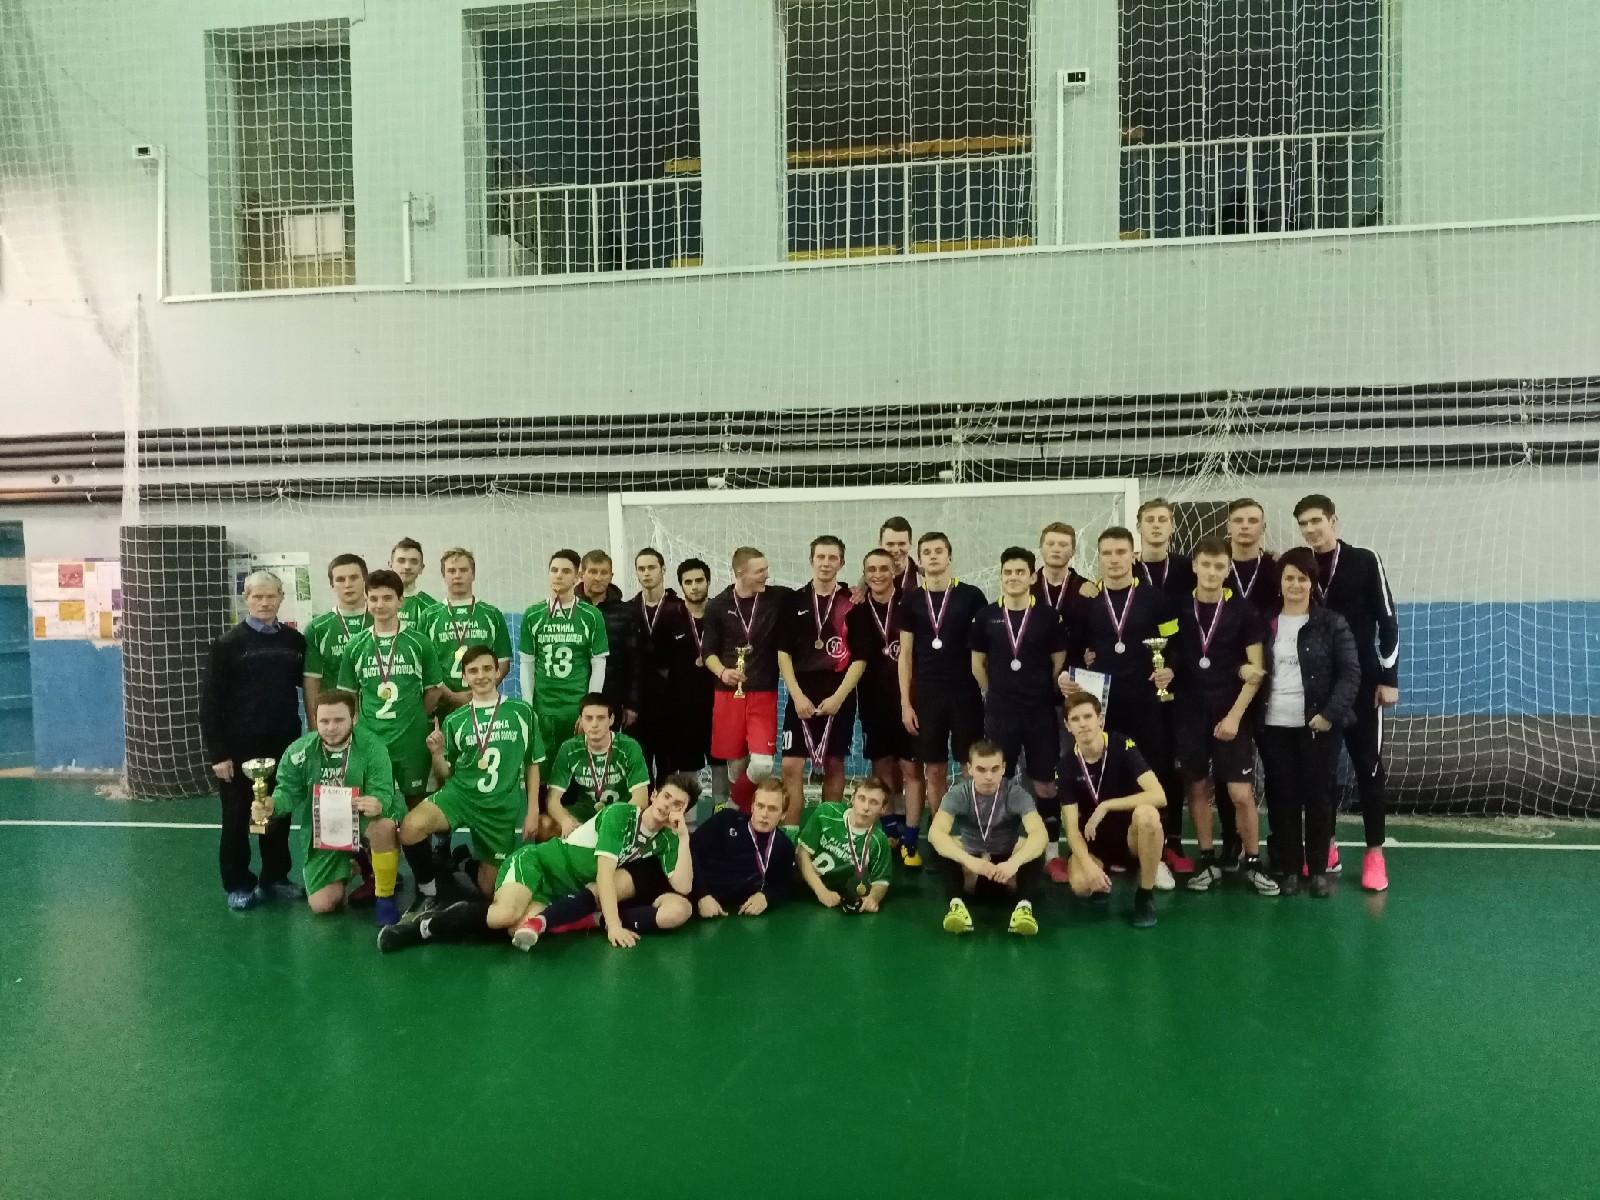 Финальные соревнования по мини-футболу, в рамках областной спартакиады учащихся профессиональных образовательных организаций Ленинградской области в 2019-2020 учебном году.